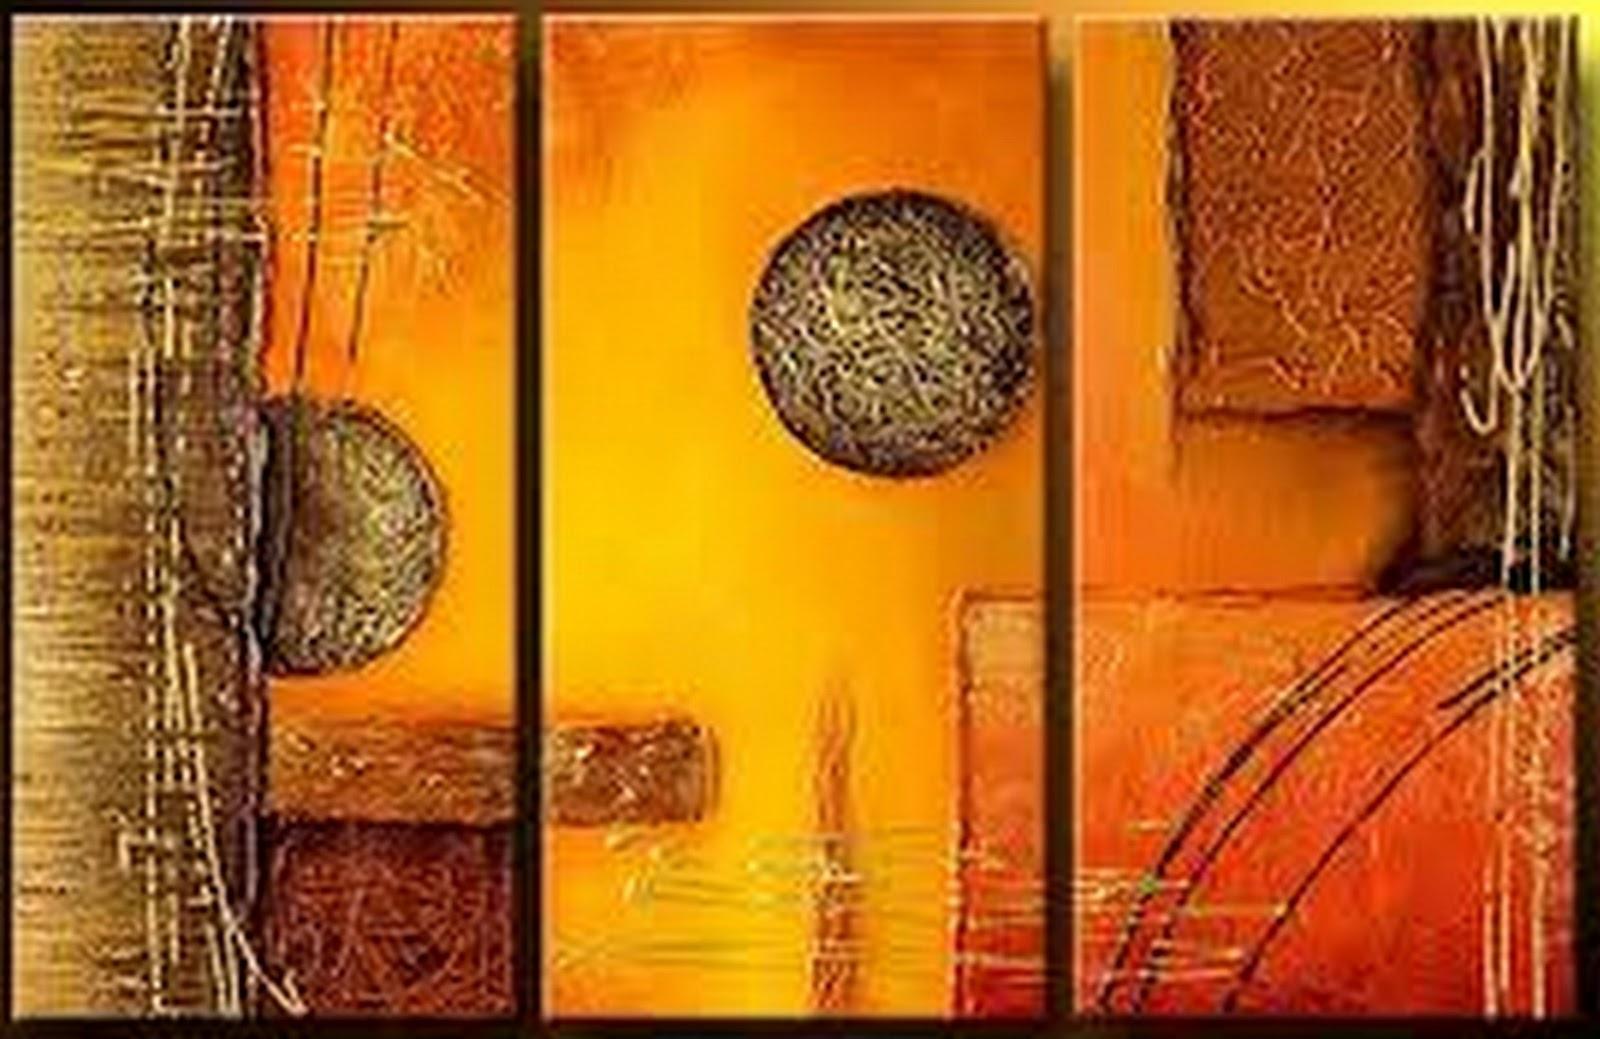 Cuadros pinturas oleos tr pticos de pintura for Cuadros tripticos para comedor